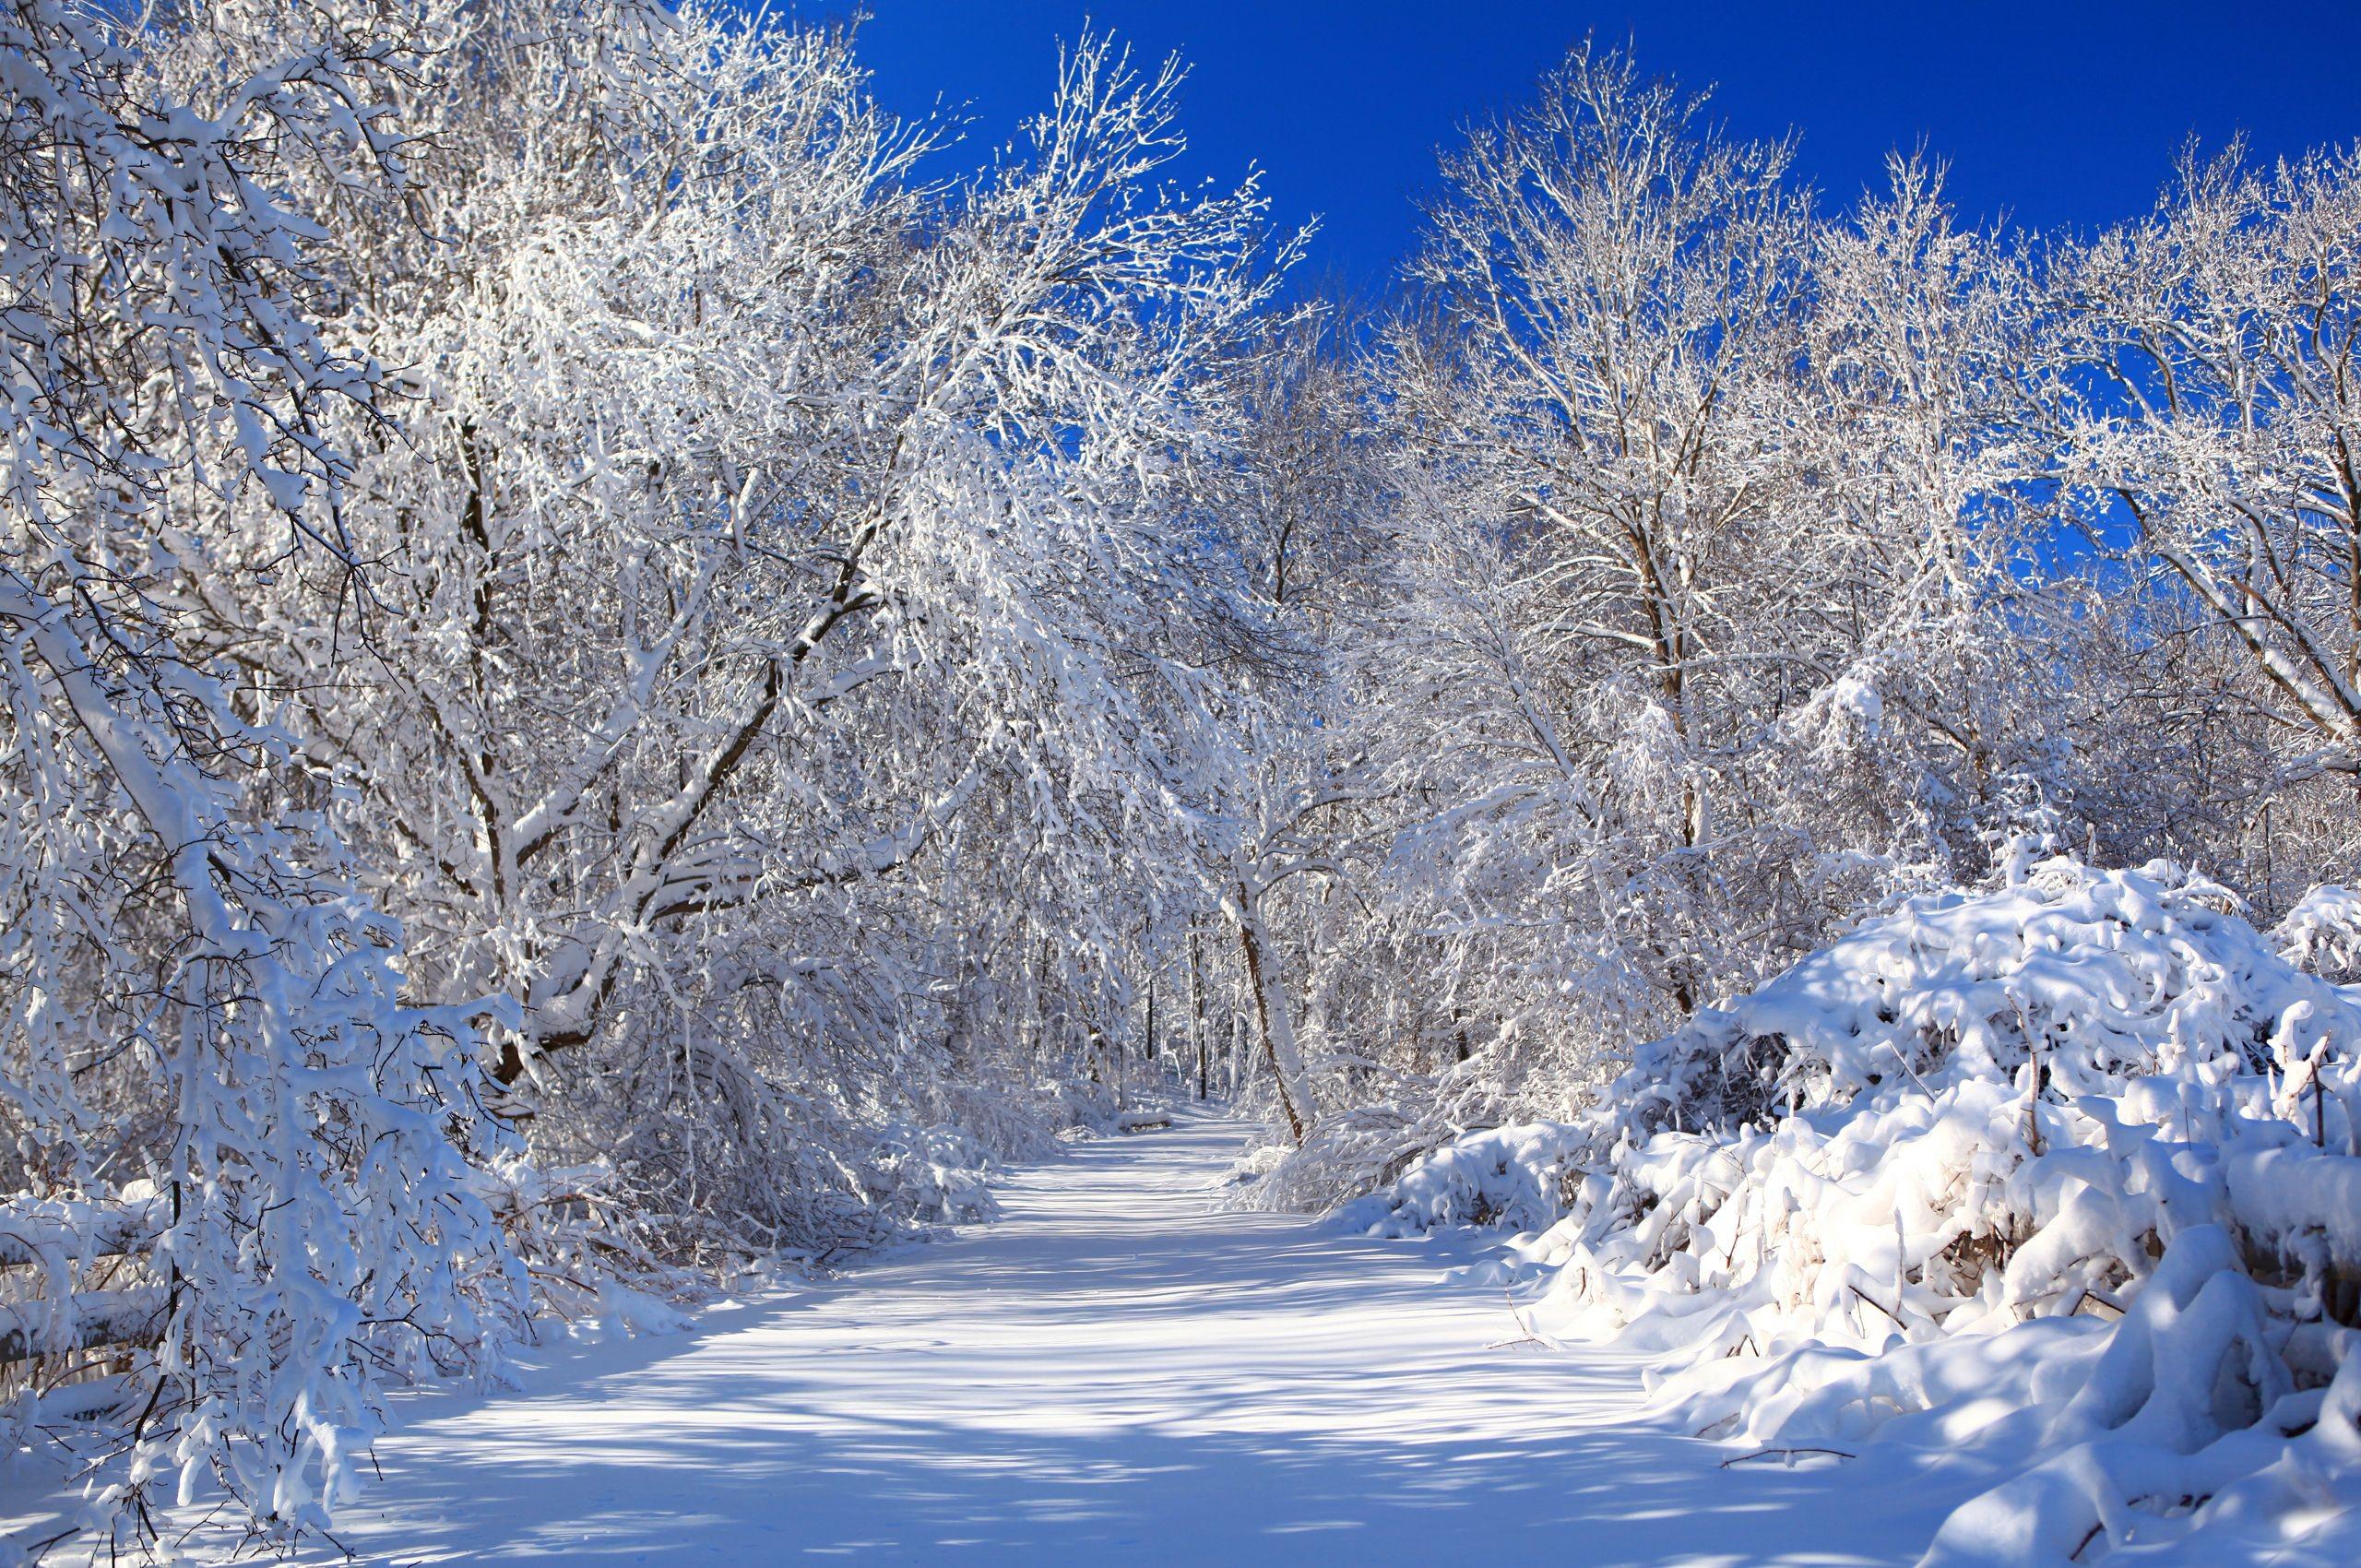 обои зима снежная на рабочий стол № 640801 бесплатно